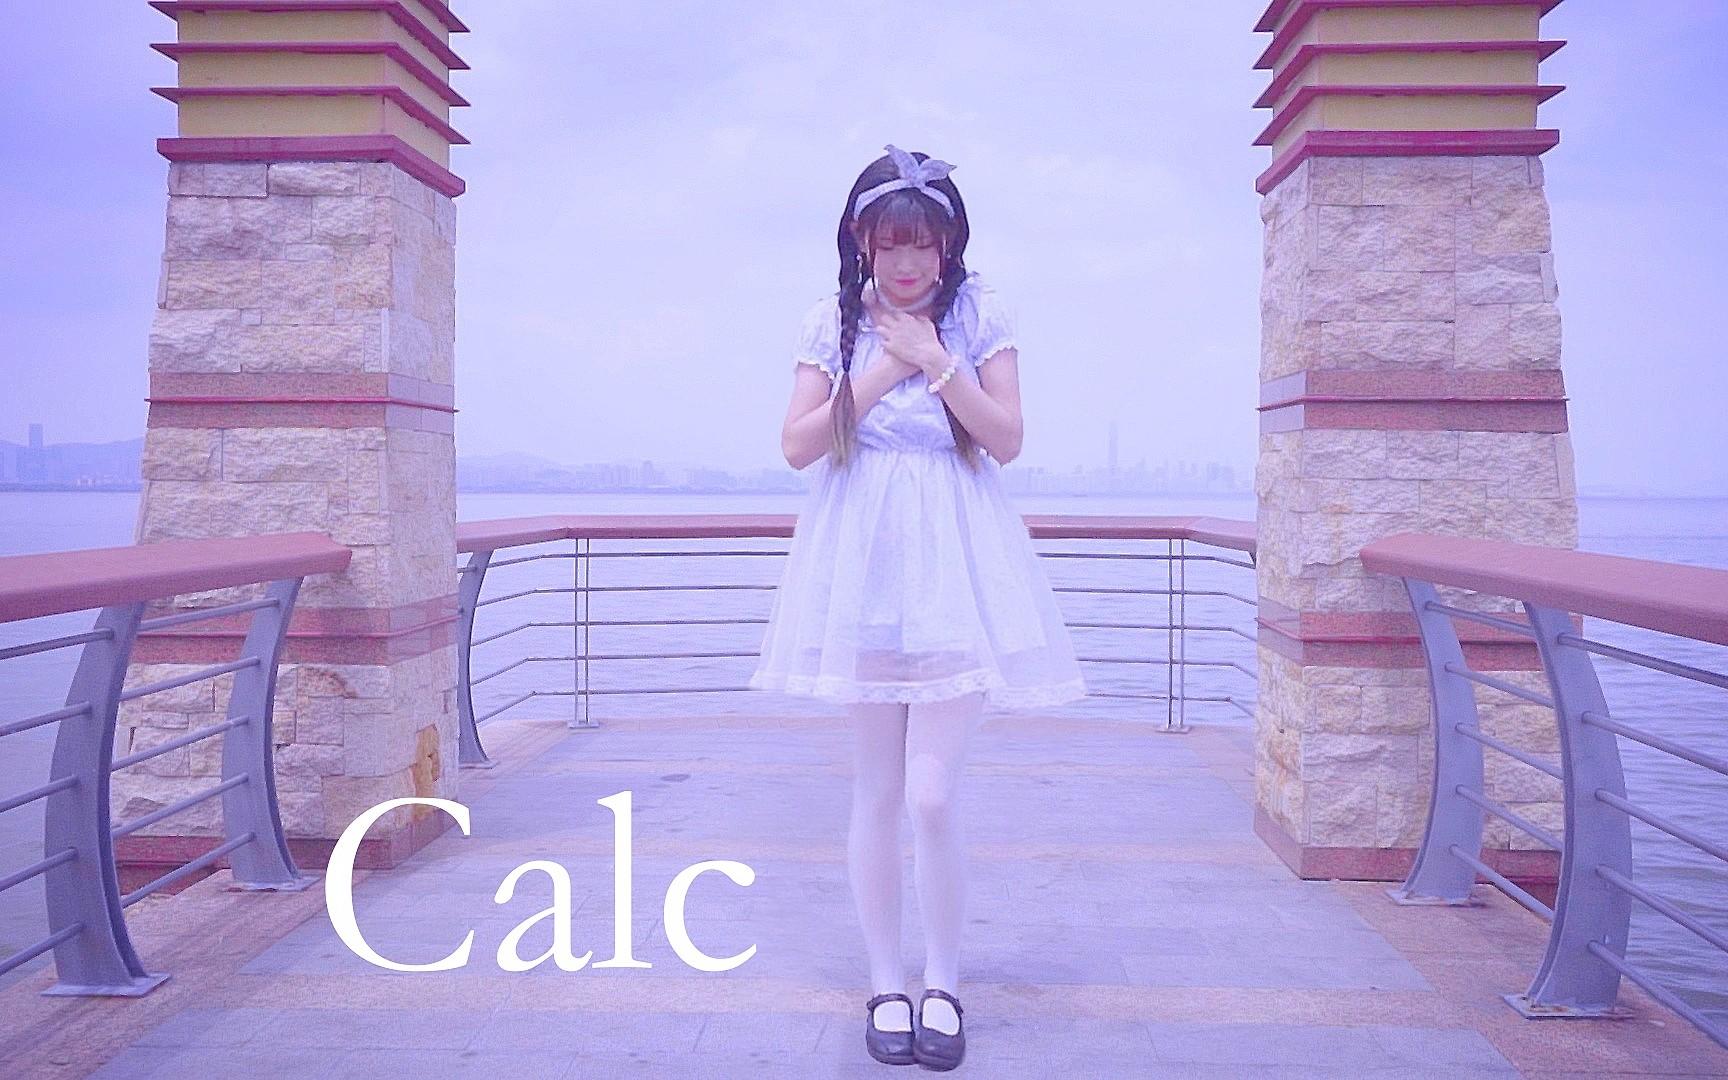 感谢上苍让我们相遇_【小羊】Calc. 感谢命运让我们相遇 ( ´ ` )* ゚*-爱哔哩(B站视频 ...